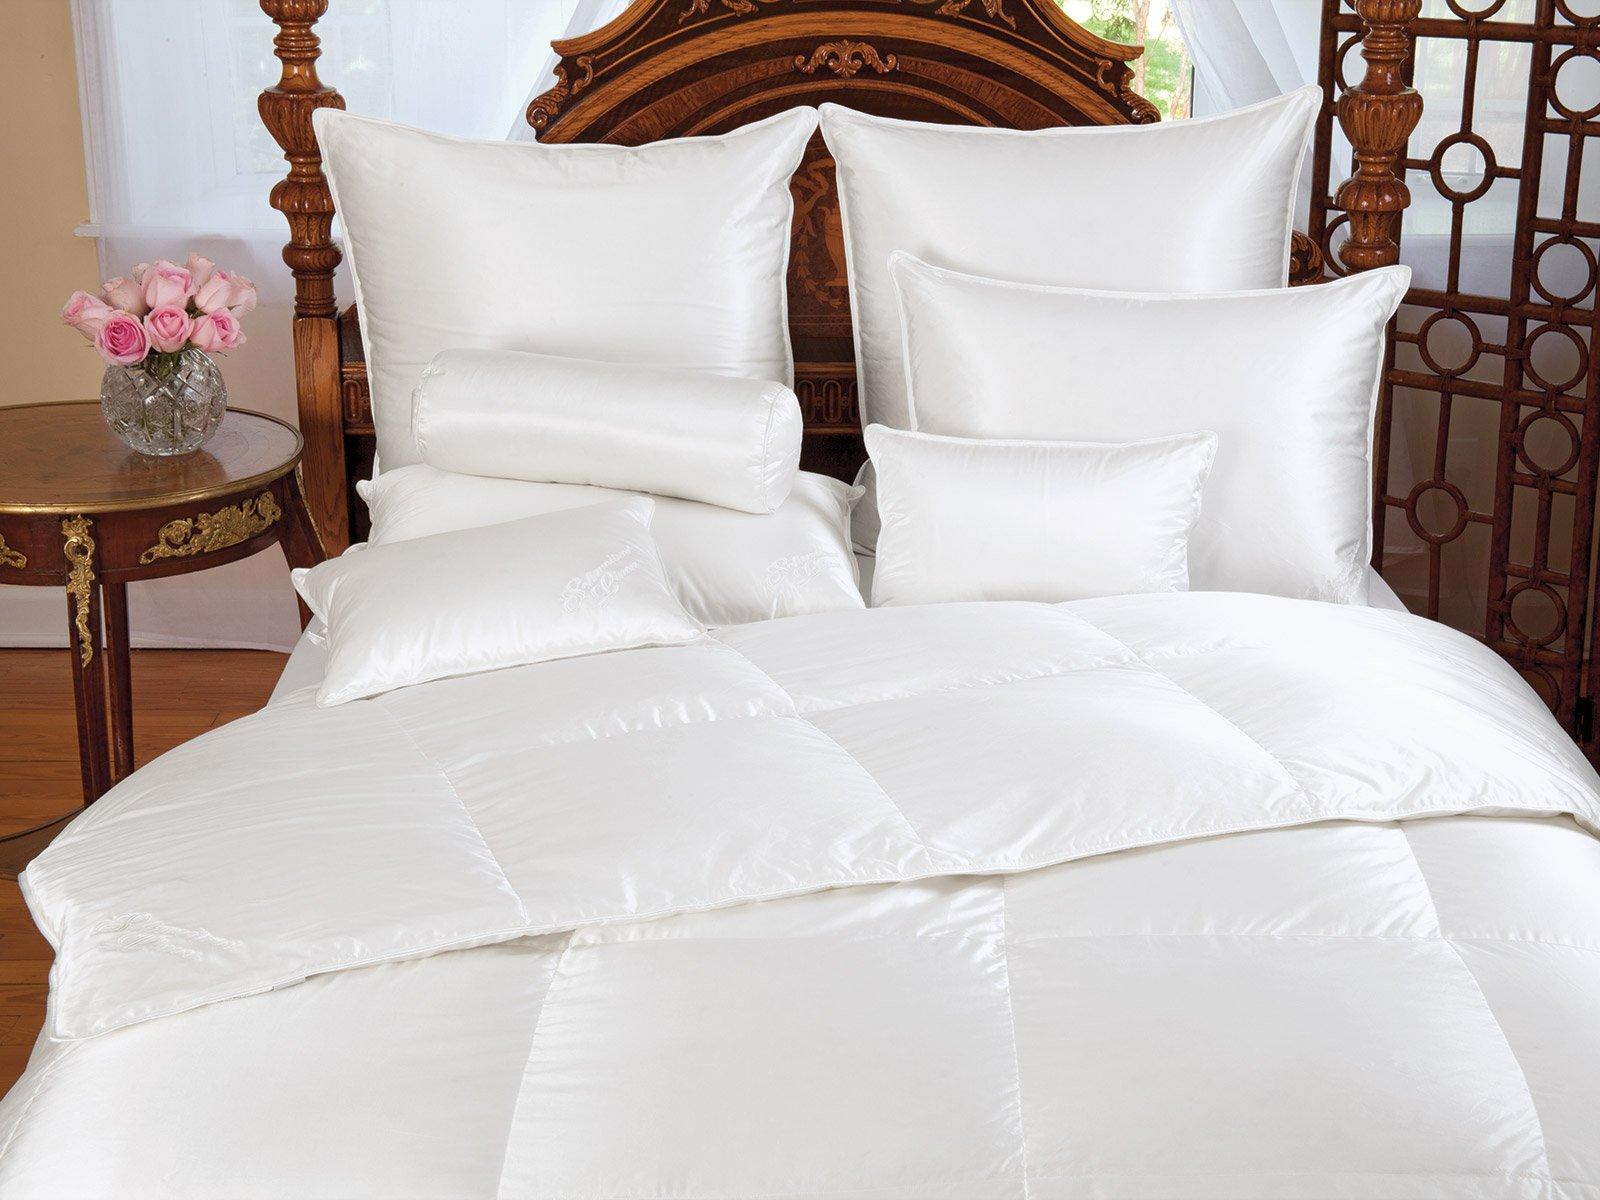 bed cheap bath comforter down all season reviews comforters wayfair pdx beautyrest